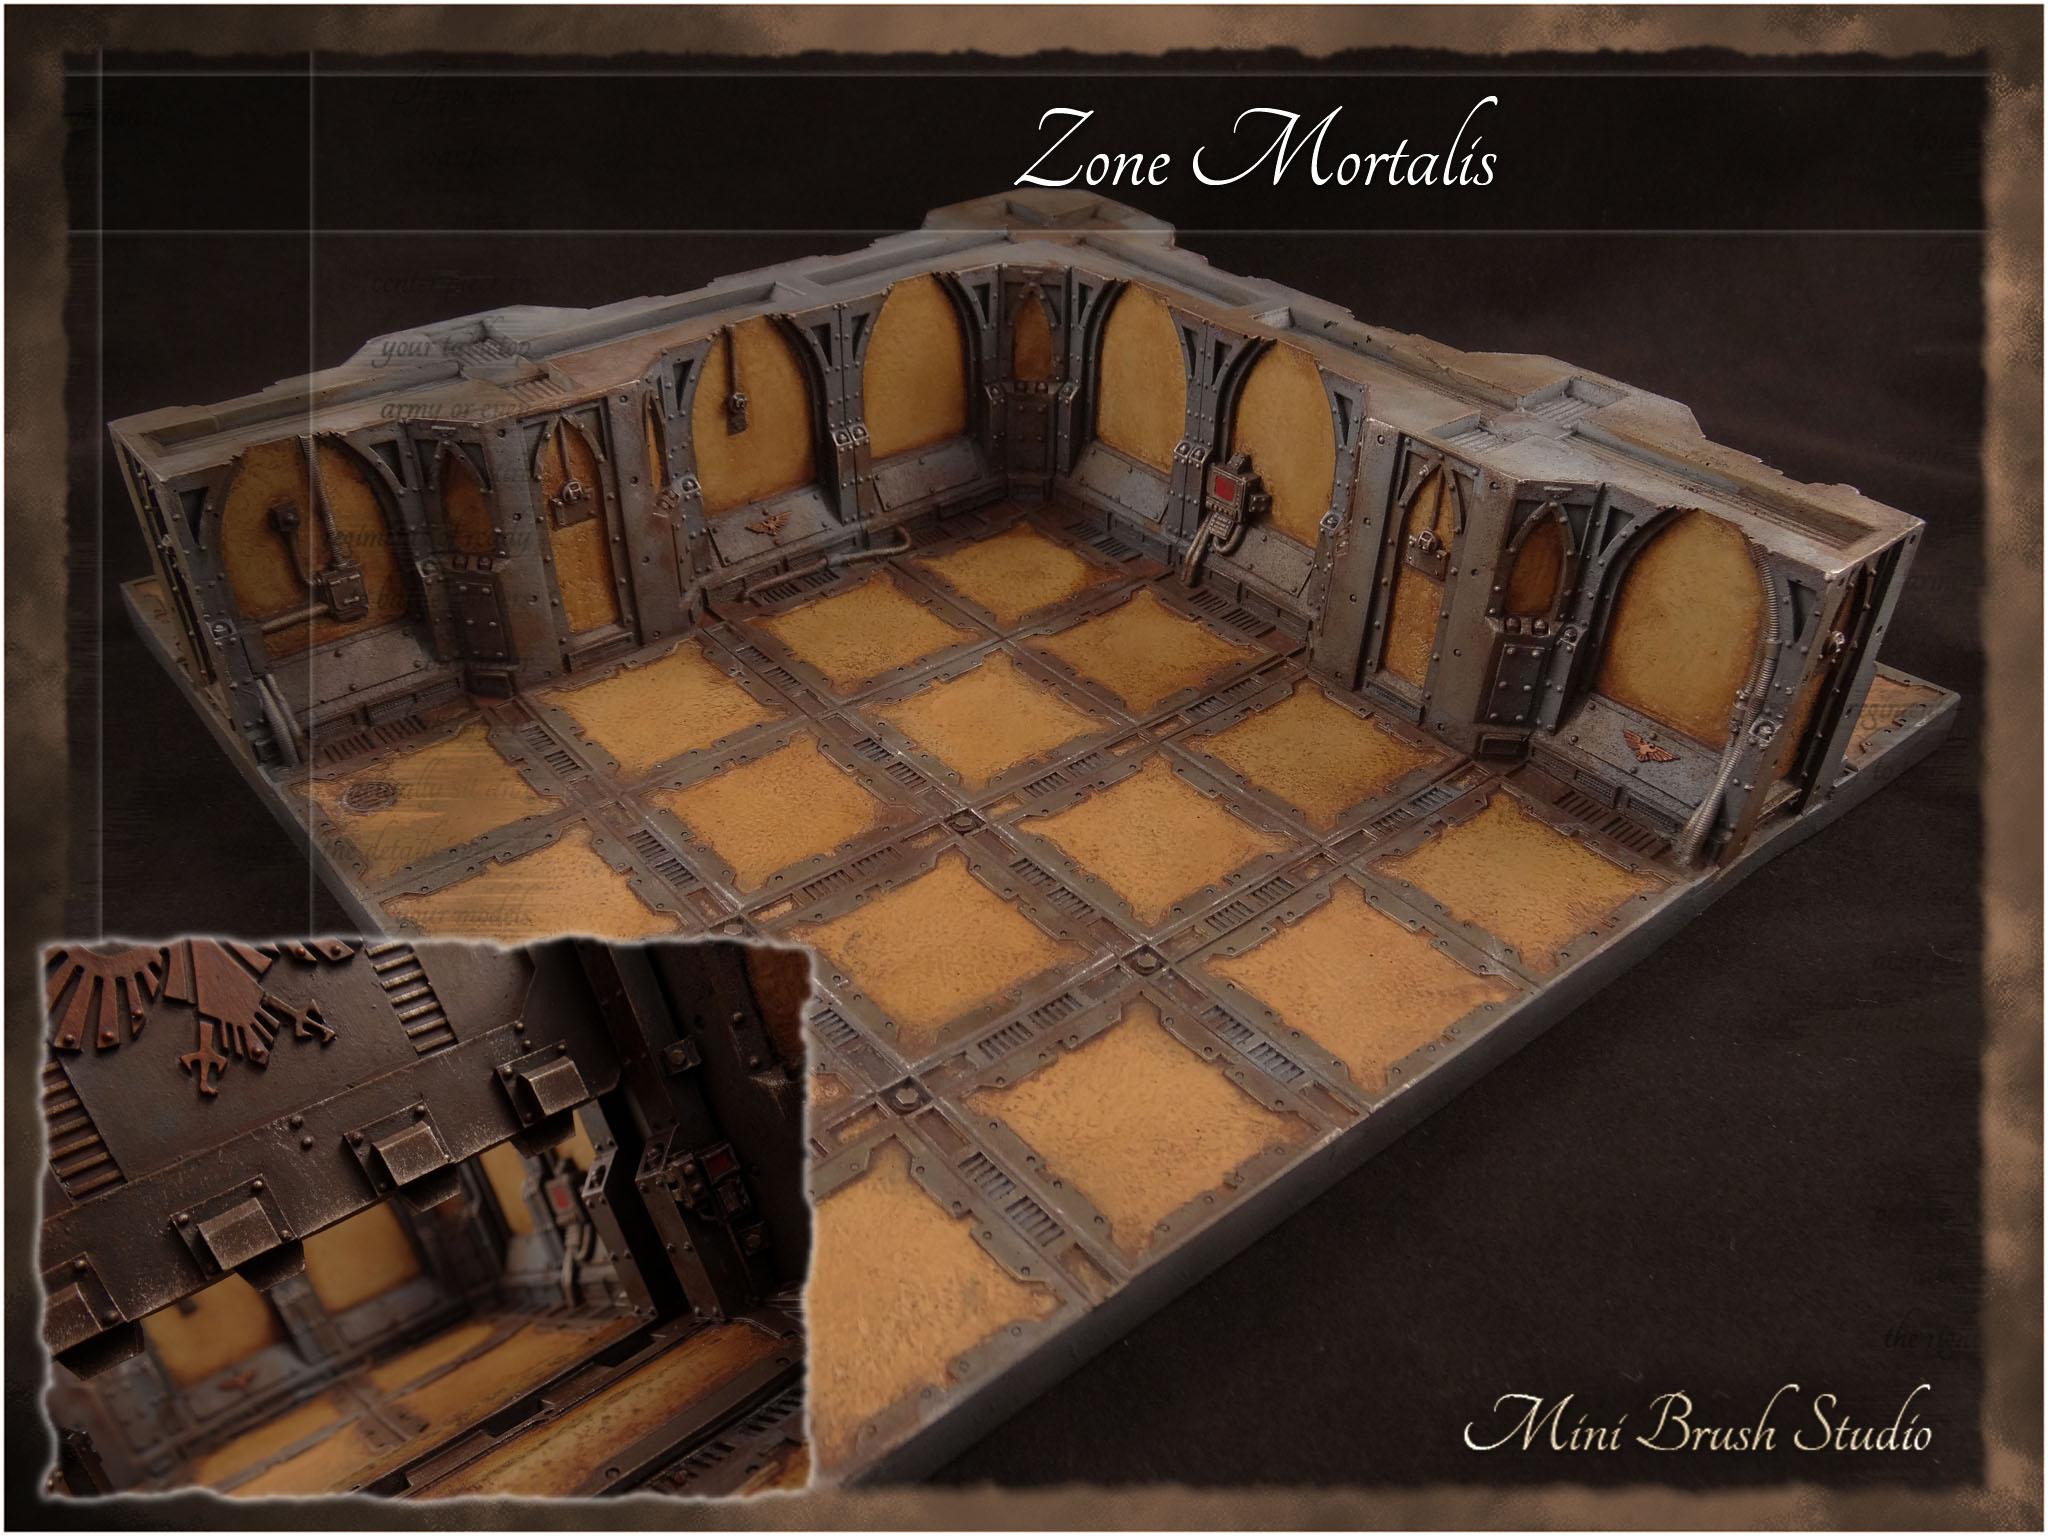 Zone Mortalis 1d v7.jpg